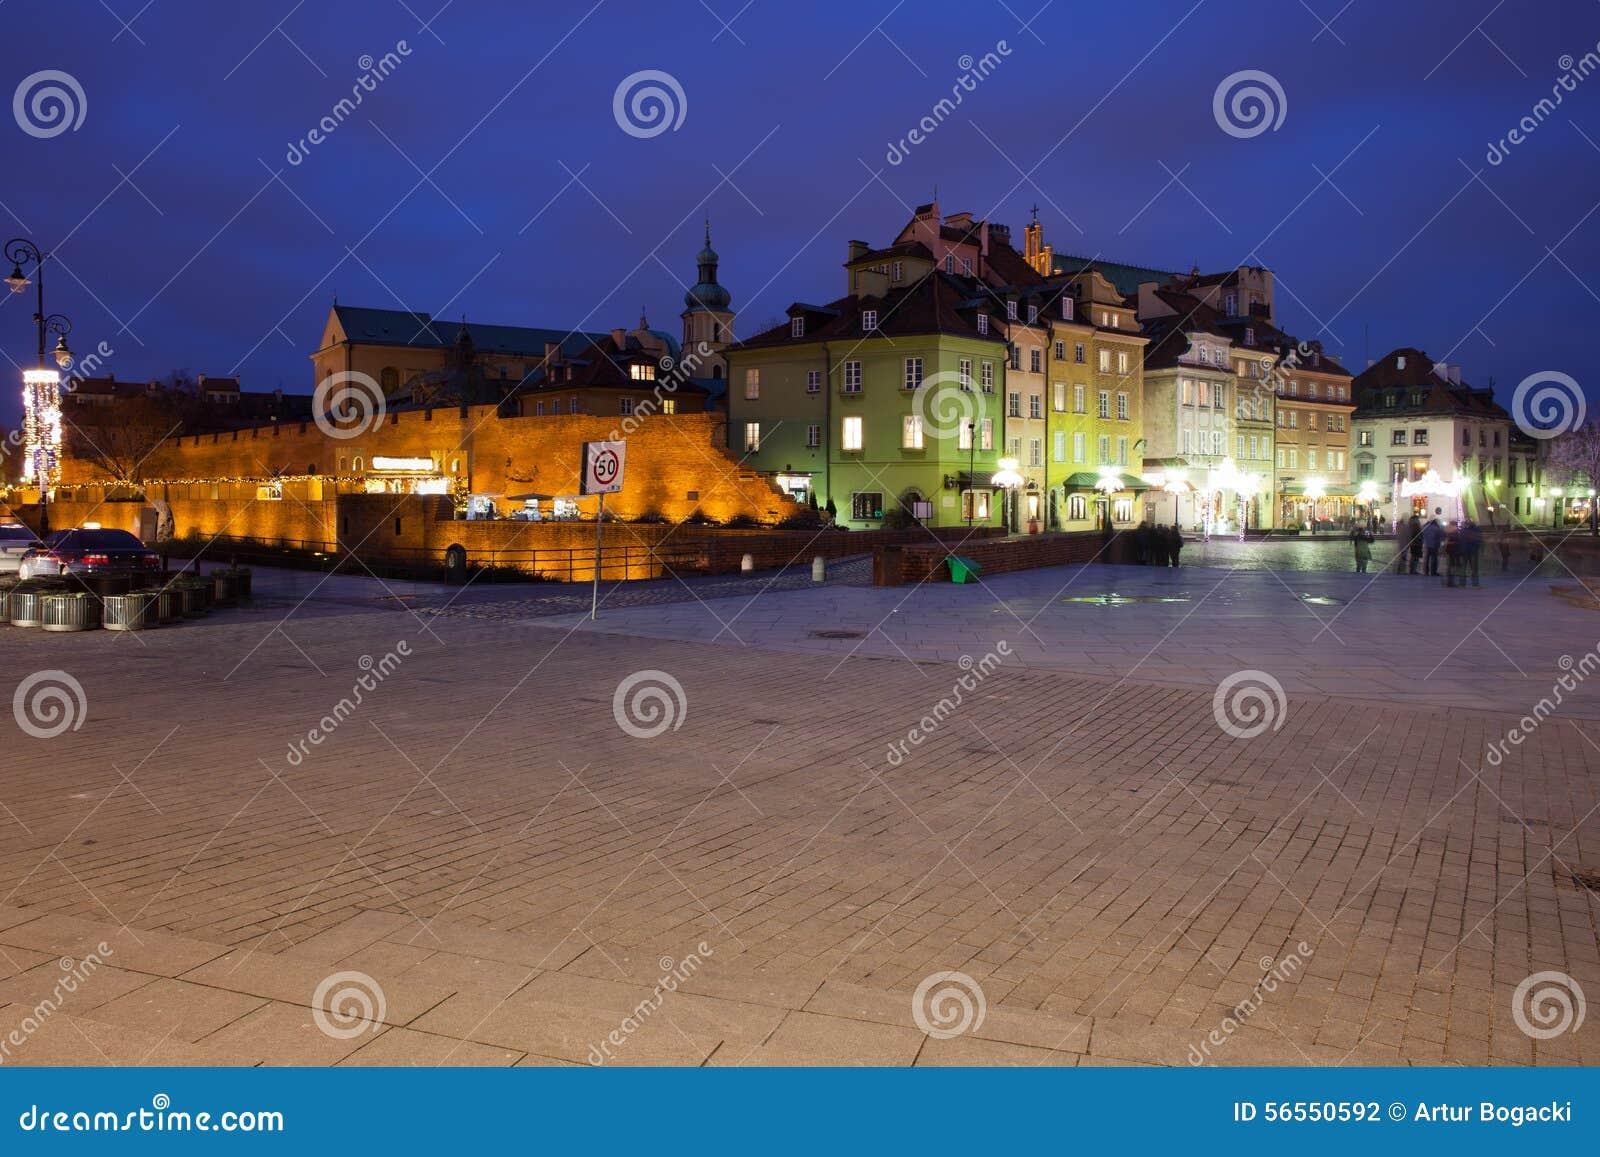 Download Ορίζοντας νύχτας της παλαιάς πόλης της Βαρσοβίας Στοκ Εικόνες - εικόνα από μνημείο, τετράγωνο: 56550592